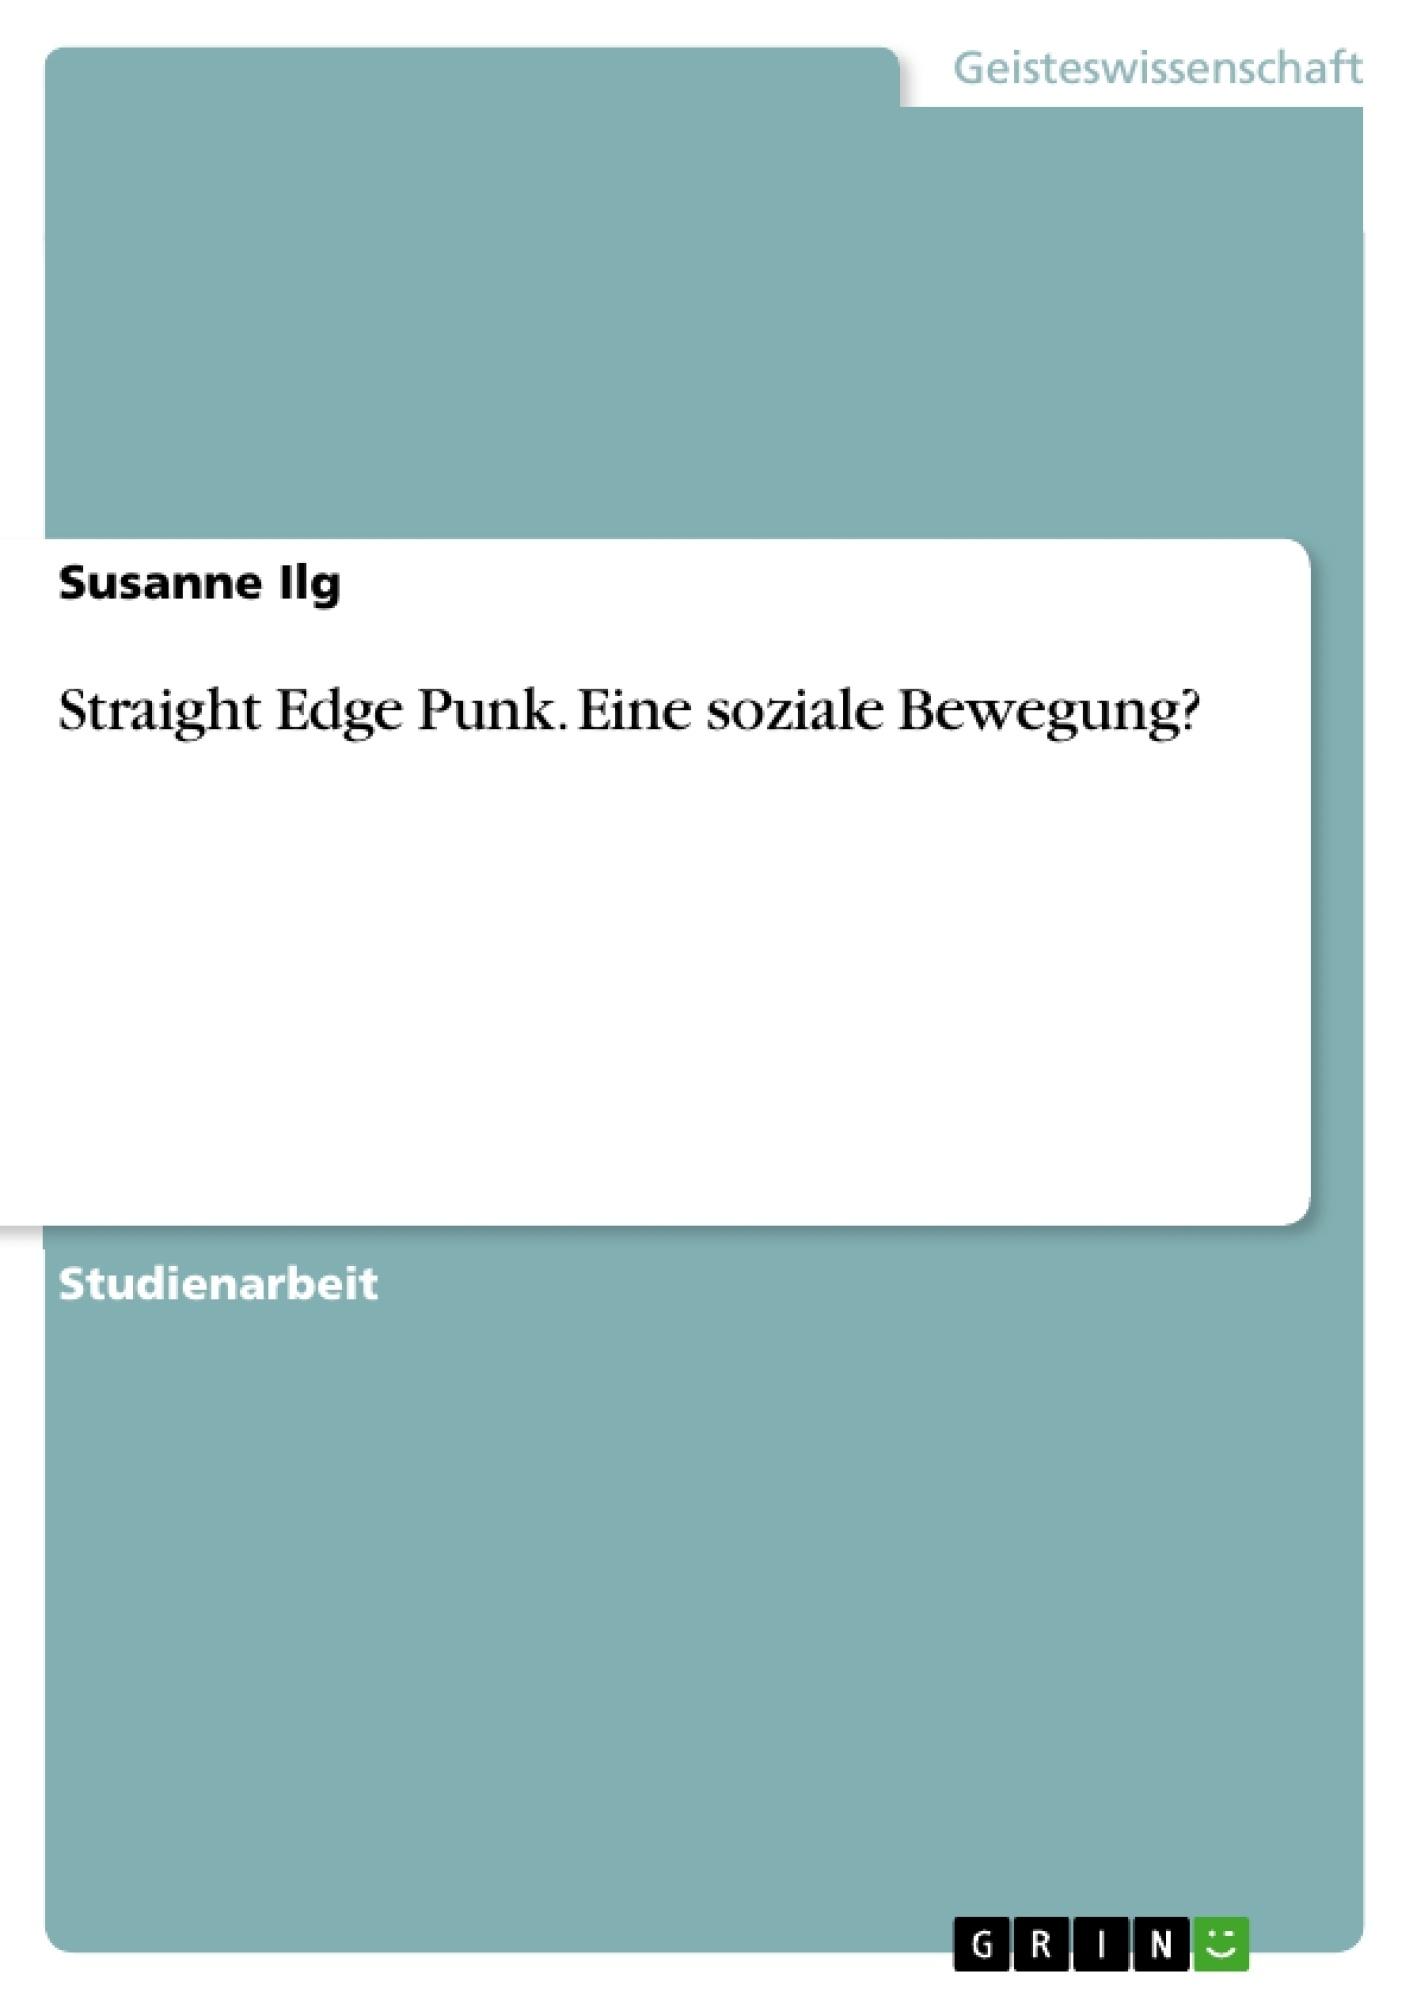 Titel: Straight Edge Punk. Eine soziale Bewegung?